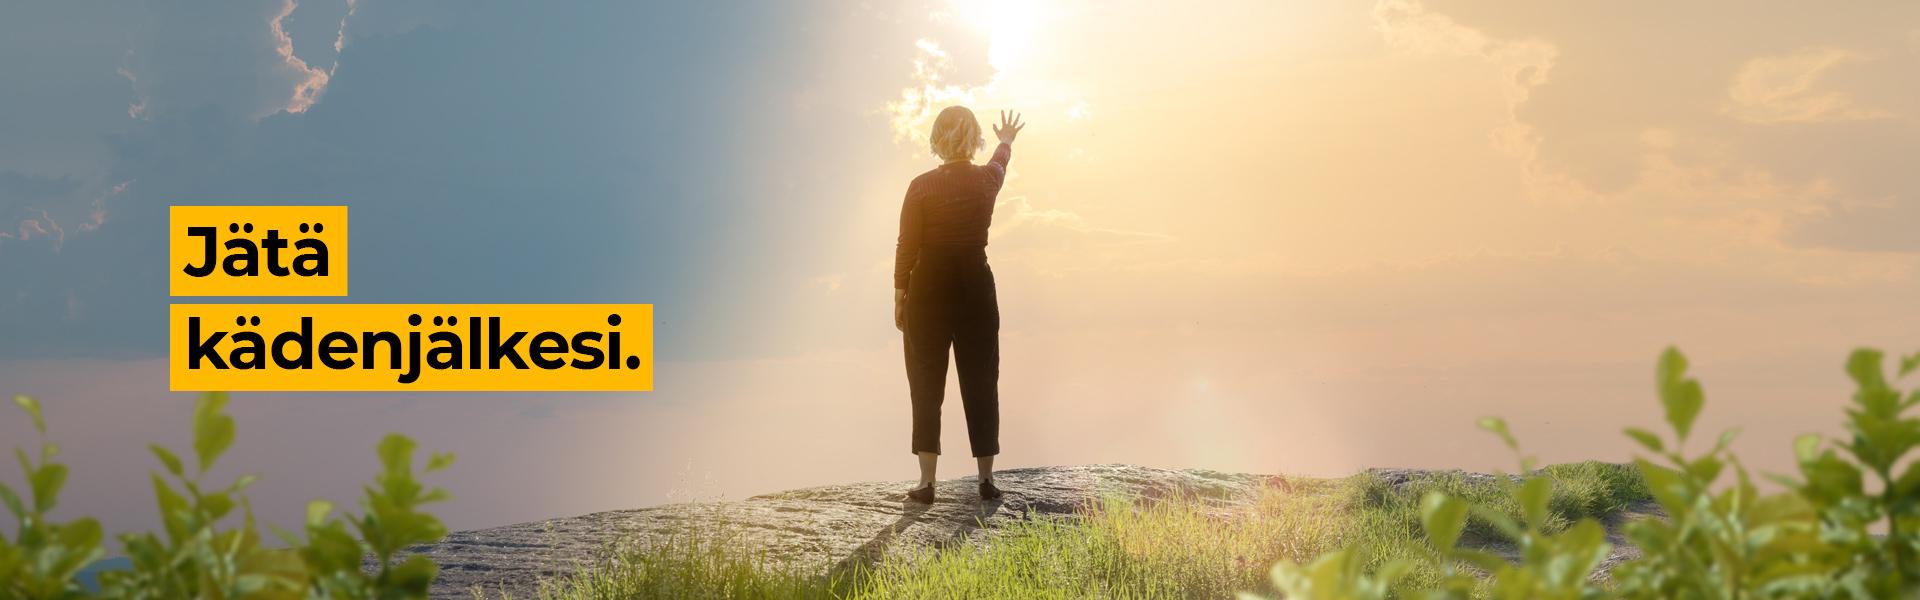 Nainen seisoo kalliolla ja kohottaa käden kohti aurinkoa.